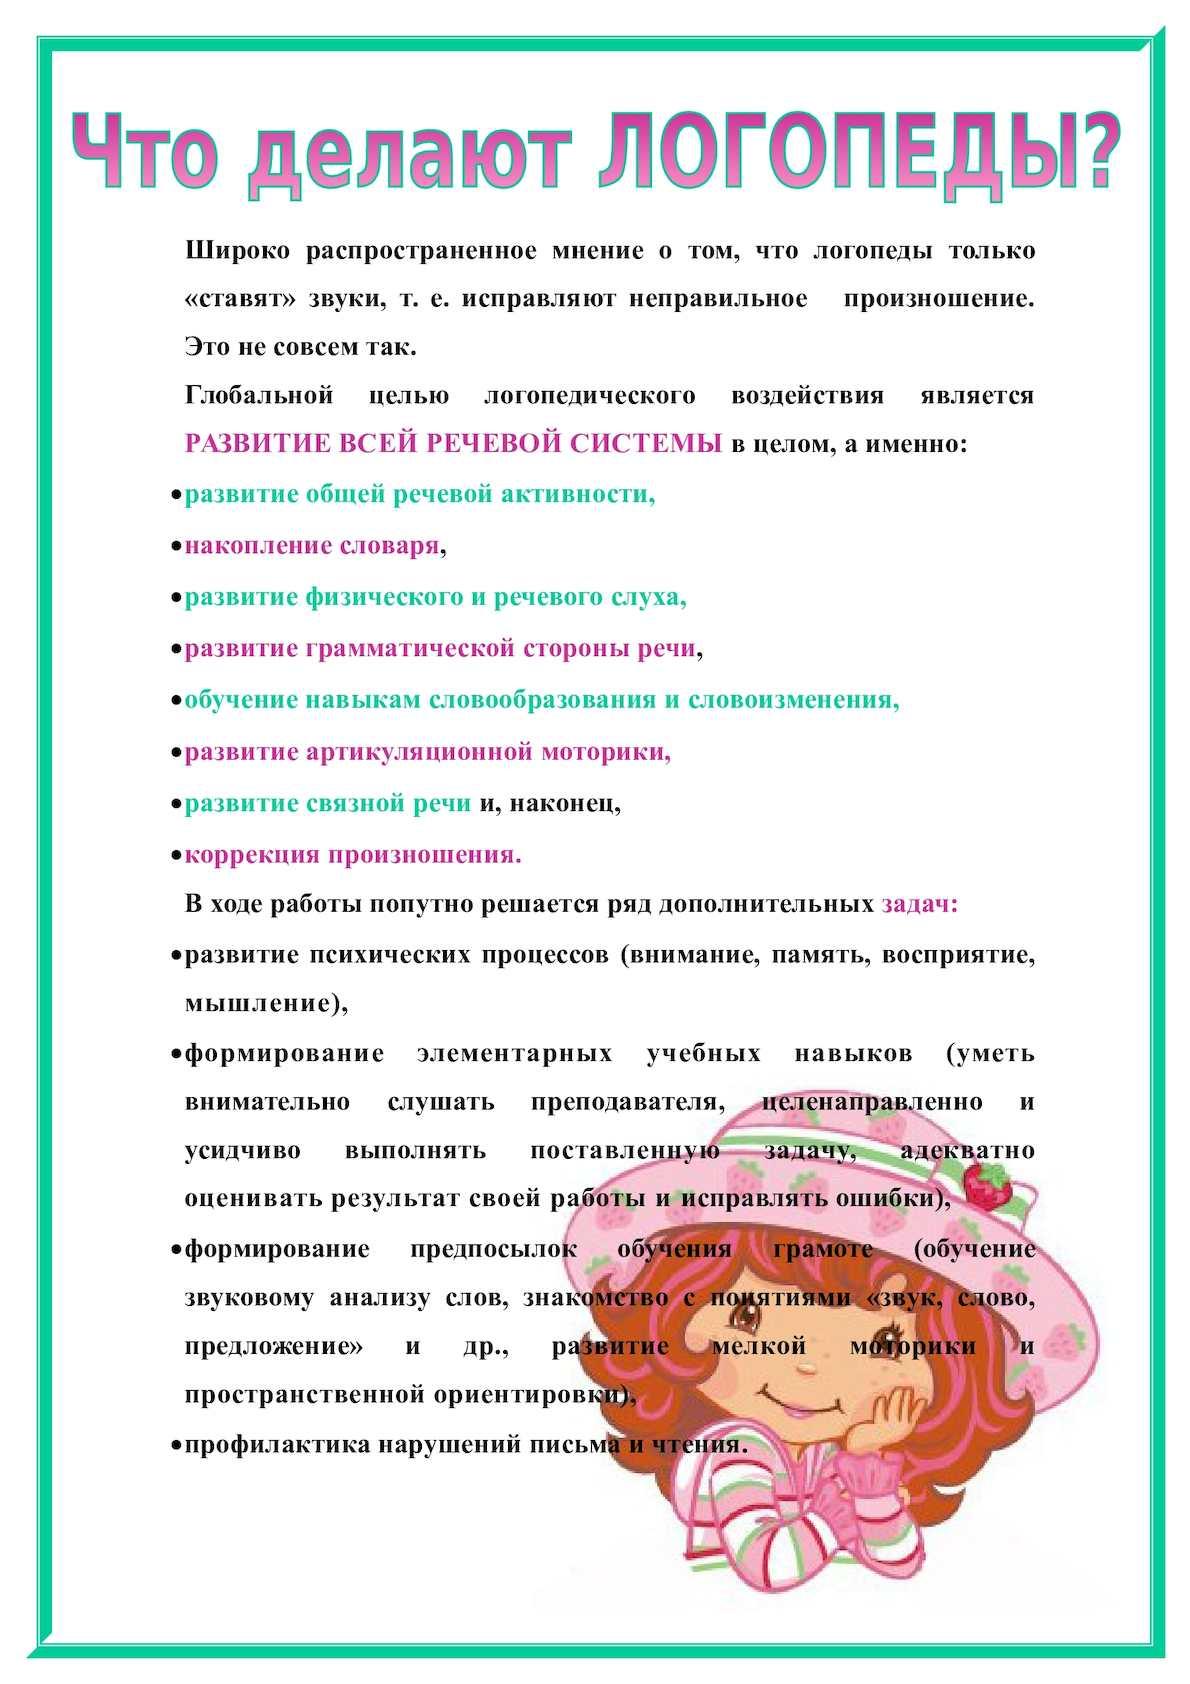 p1 Про Истинные Желания. Психолог Михаил Лабковский О Социальных Нормах И Выборе Профессии